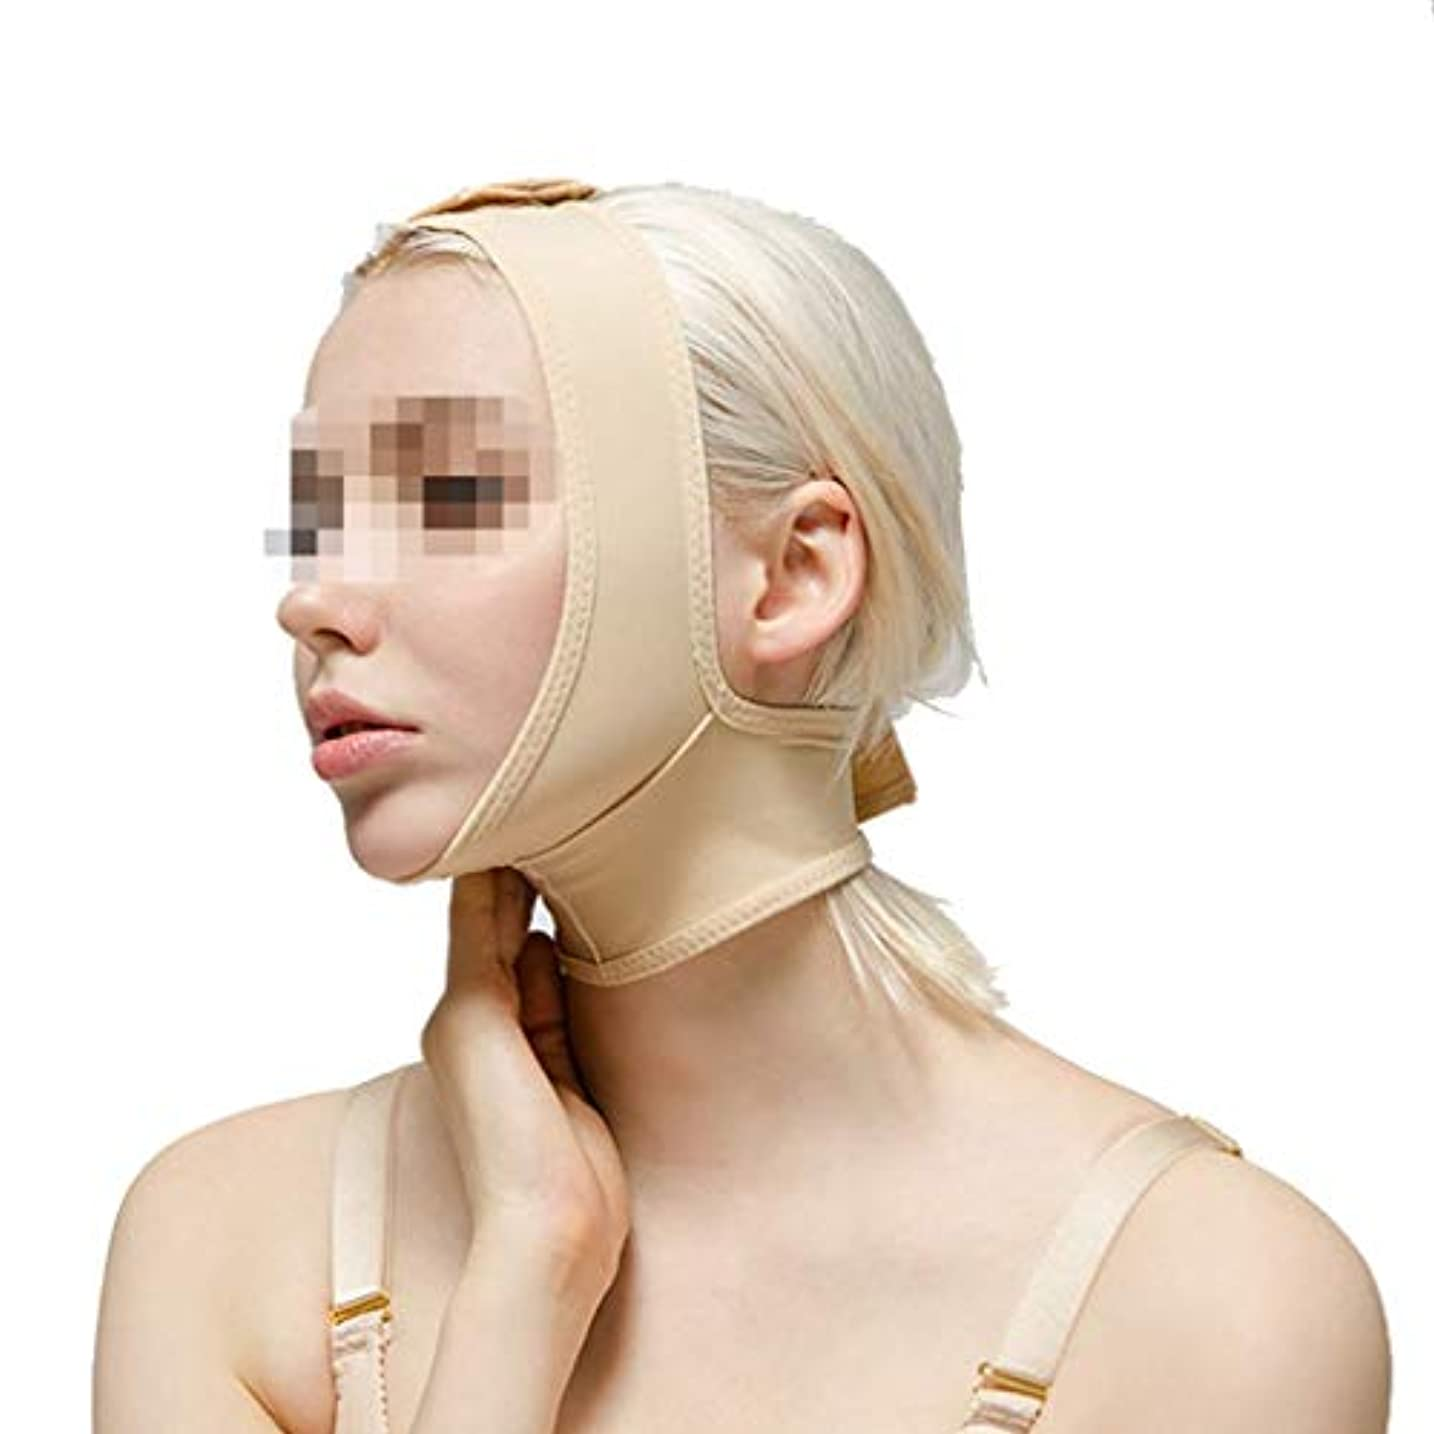 忘れる正確さ断片術後伸縮性スリーブ、下顎束フェイスバンデージフェイシャルビームダブルチンシンフェイスマスクマルチサイズオプション(サイズ:L),XS